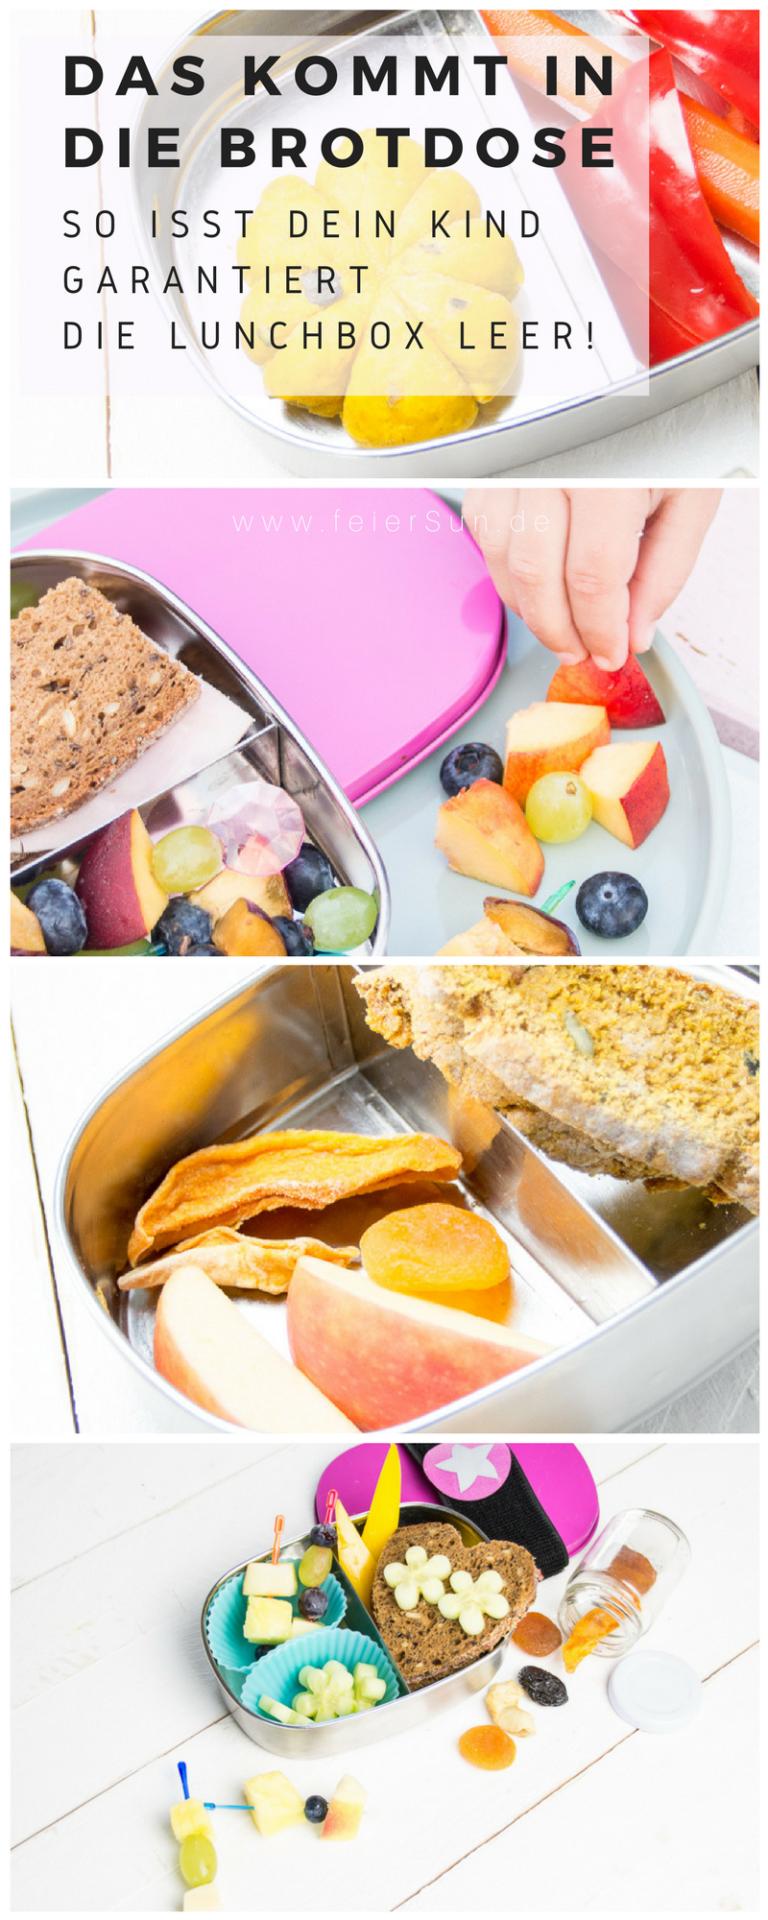 Pausenbrot: was kommt in die Schul-Brotbox Du brauchst Inspiration dafür, was Du dem Kind in die packst, damit es den Inhalt der auch isst? Dann hab ich hier viele Ideen, die auch wirklich gegessen werden. Das kommt bei uns rein und so isst auch Dein Kind seine leer! auf